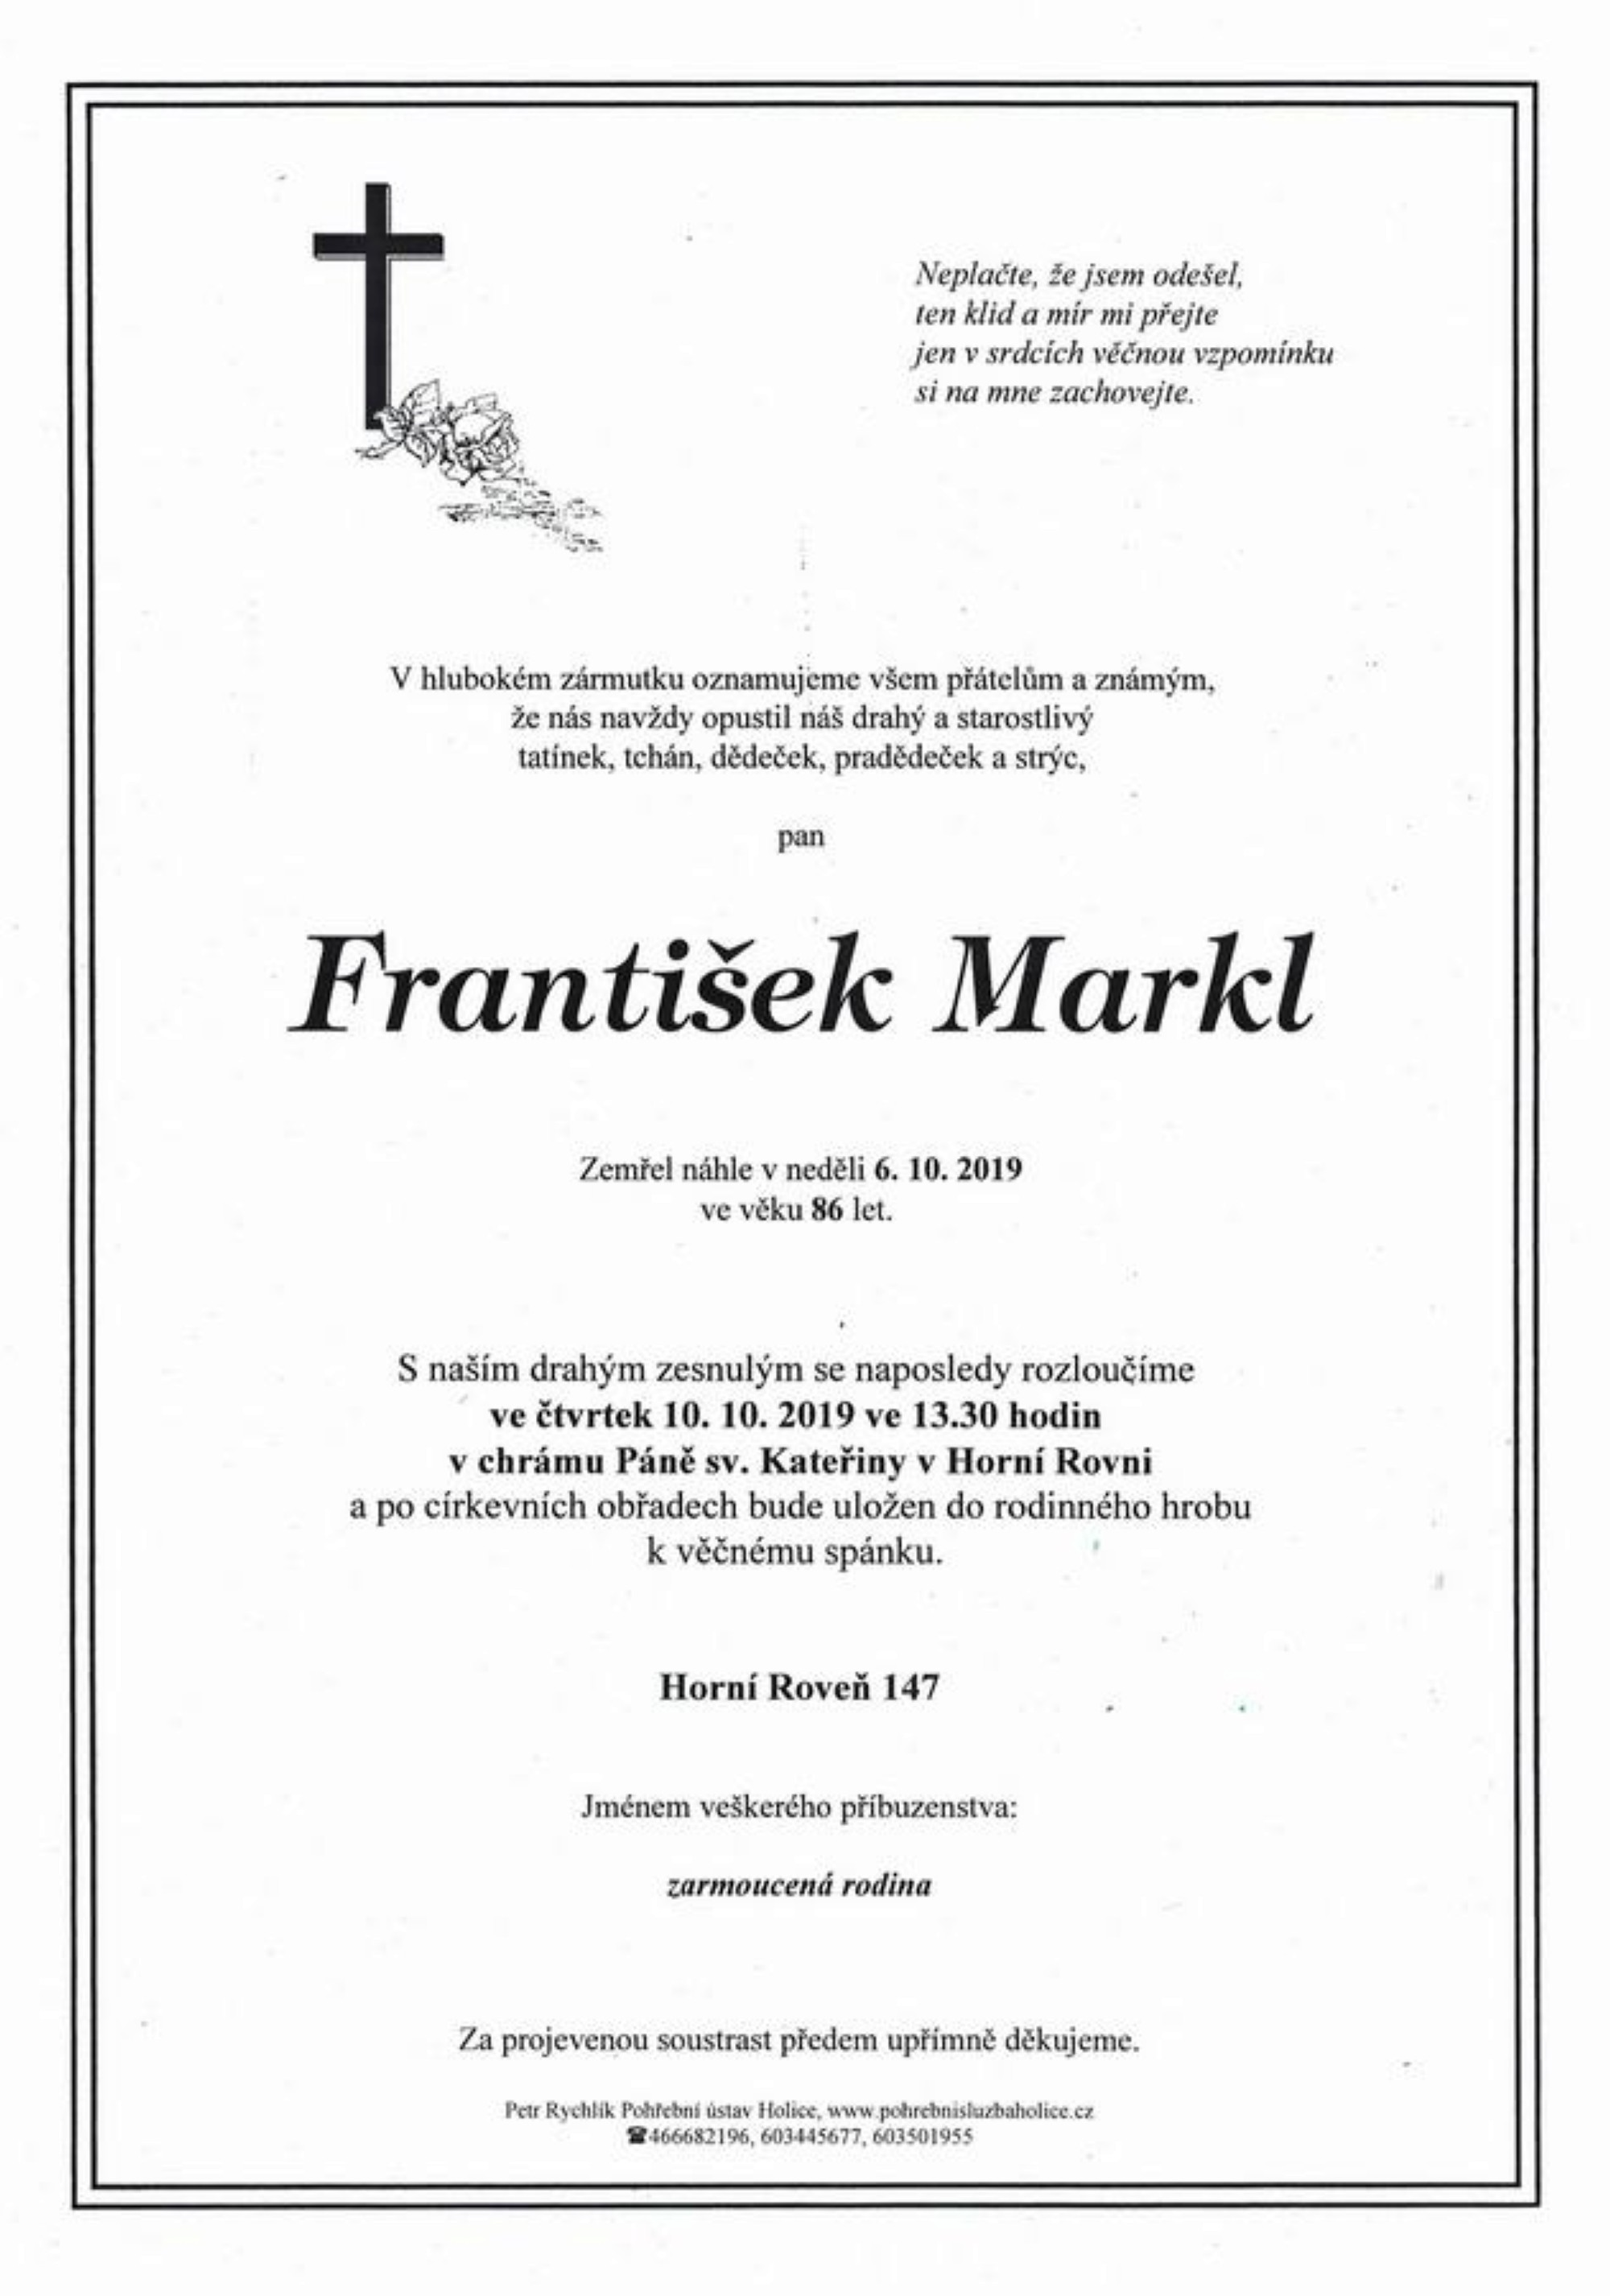 František Markl